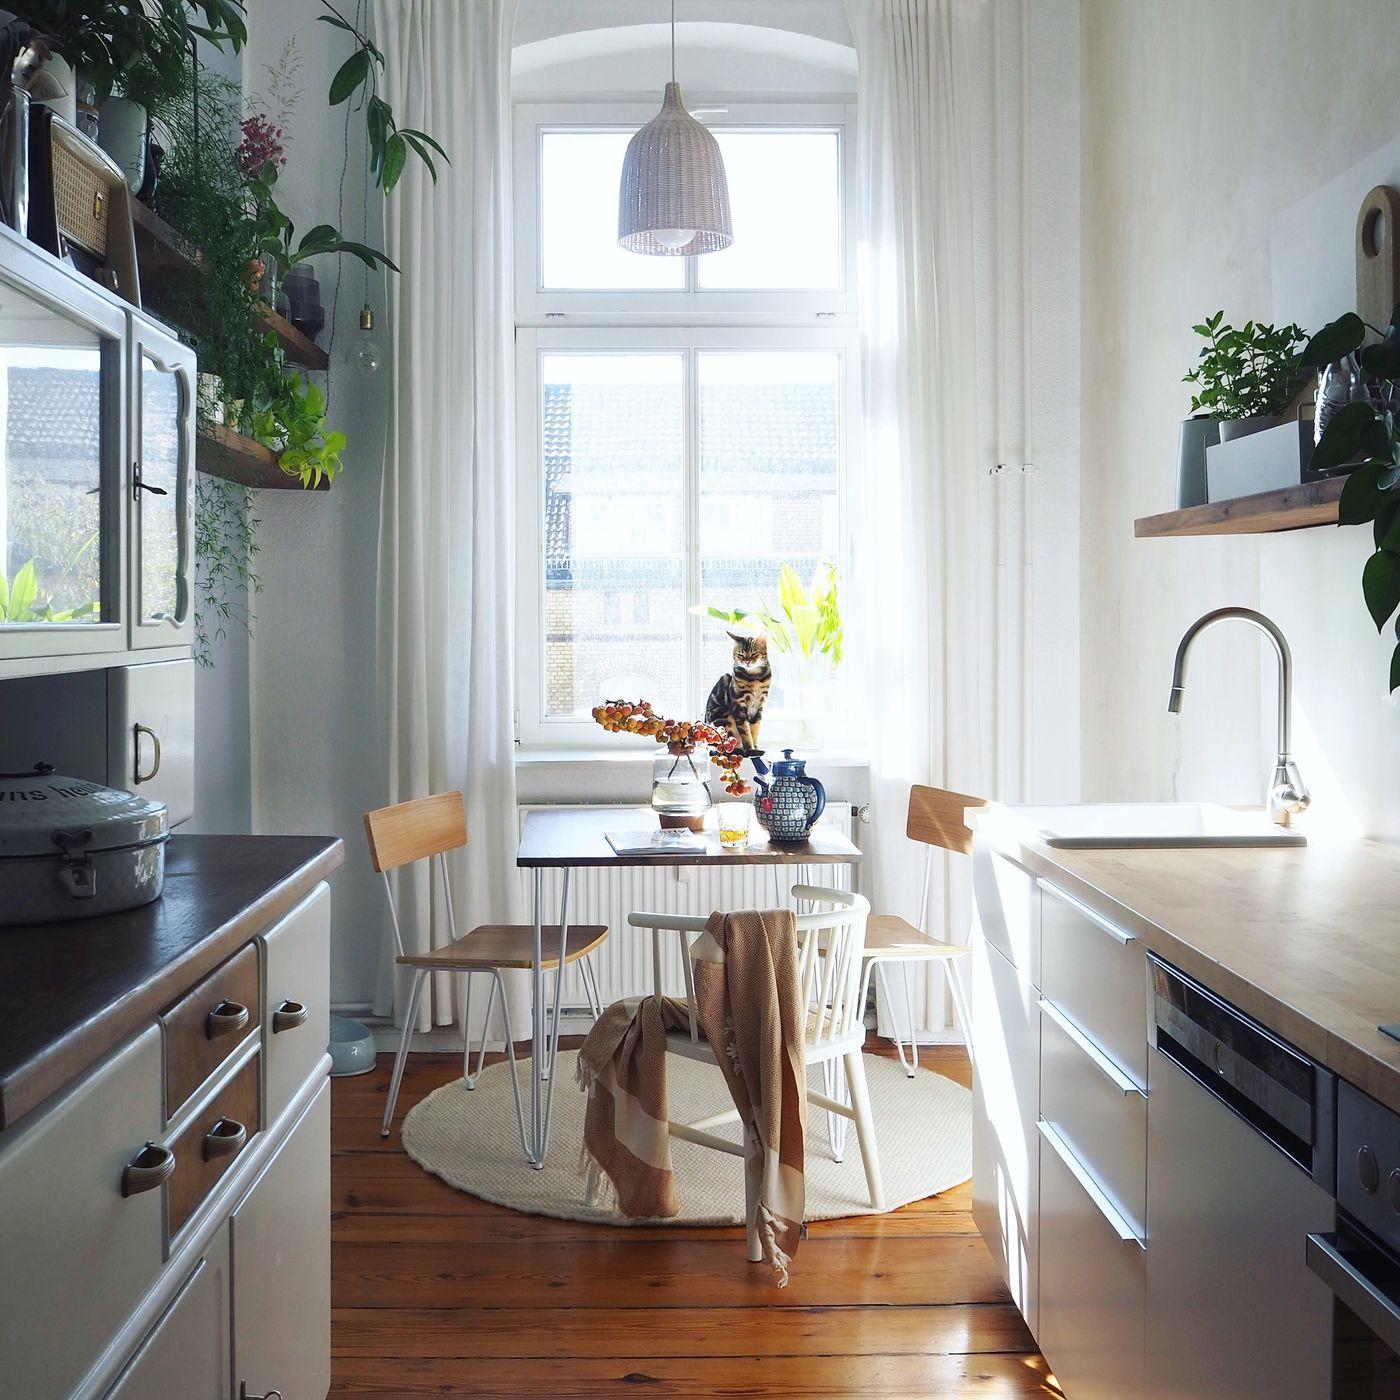 Full Size of Wandsticker Küche Vorratsschrank Ikea Miniküche Einbauküche Kaufen Schnittschutzhandschuhe Hochglanz Singleküche Mit Kühlschrank Industrie Selber Planen Wohnzimmer Kleine Küche Planen